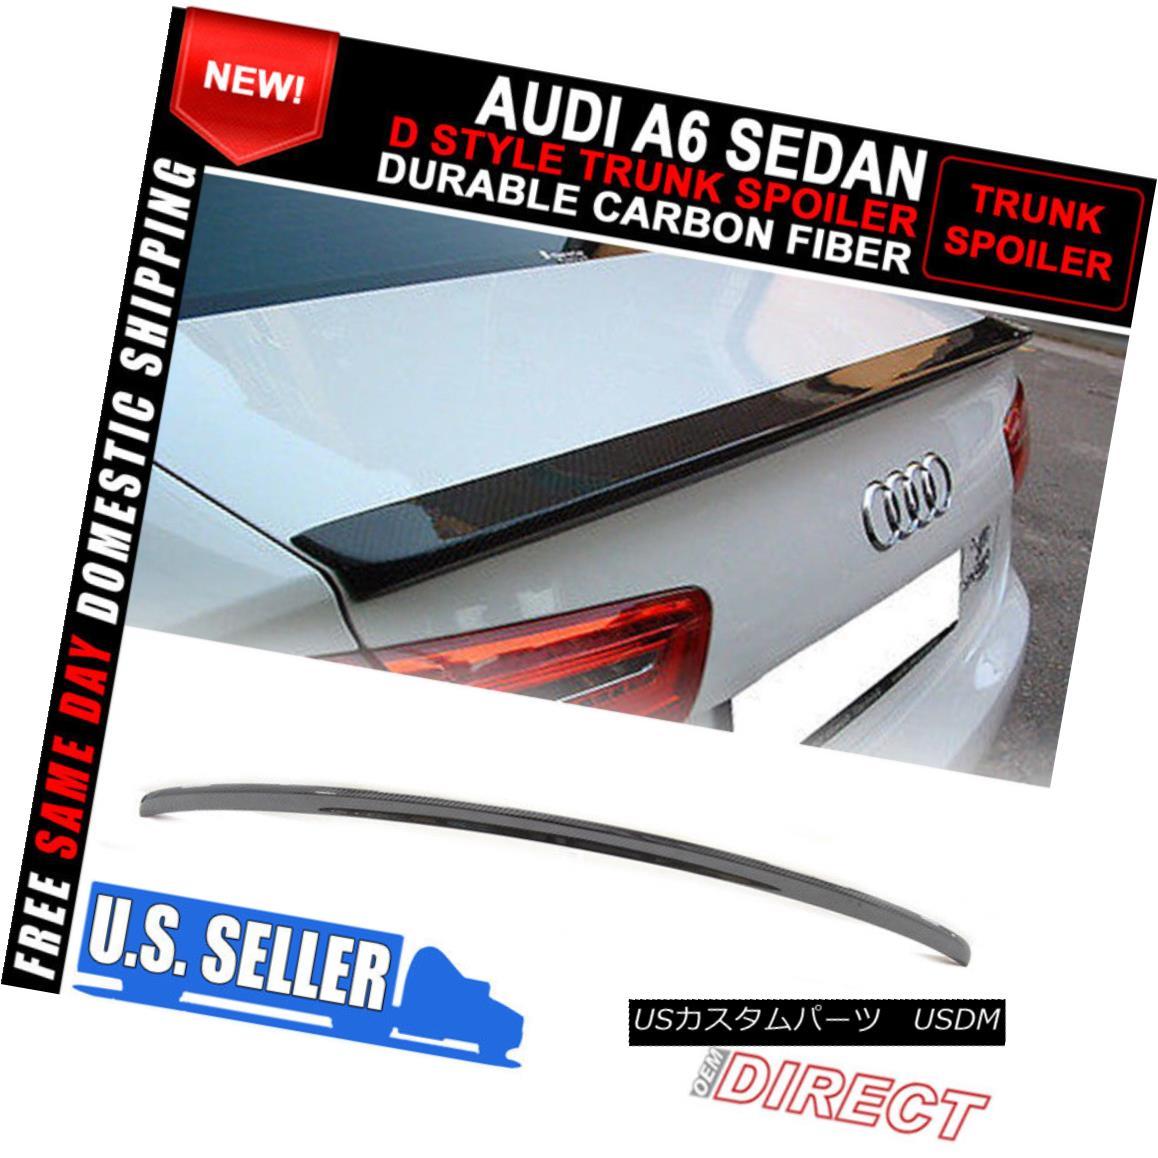 エアロパーツ 12-14 Audi A6 Sedan C7 D Style Carbon Fiber CF Trunk Spoiler 12-14アウディA6セダンC7 DスタイルカーボンファイバーCFトランク・スポイラー